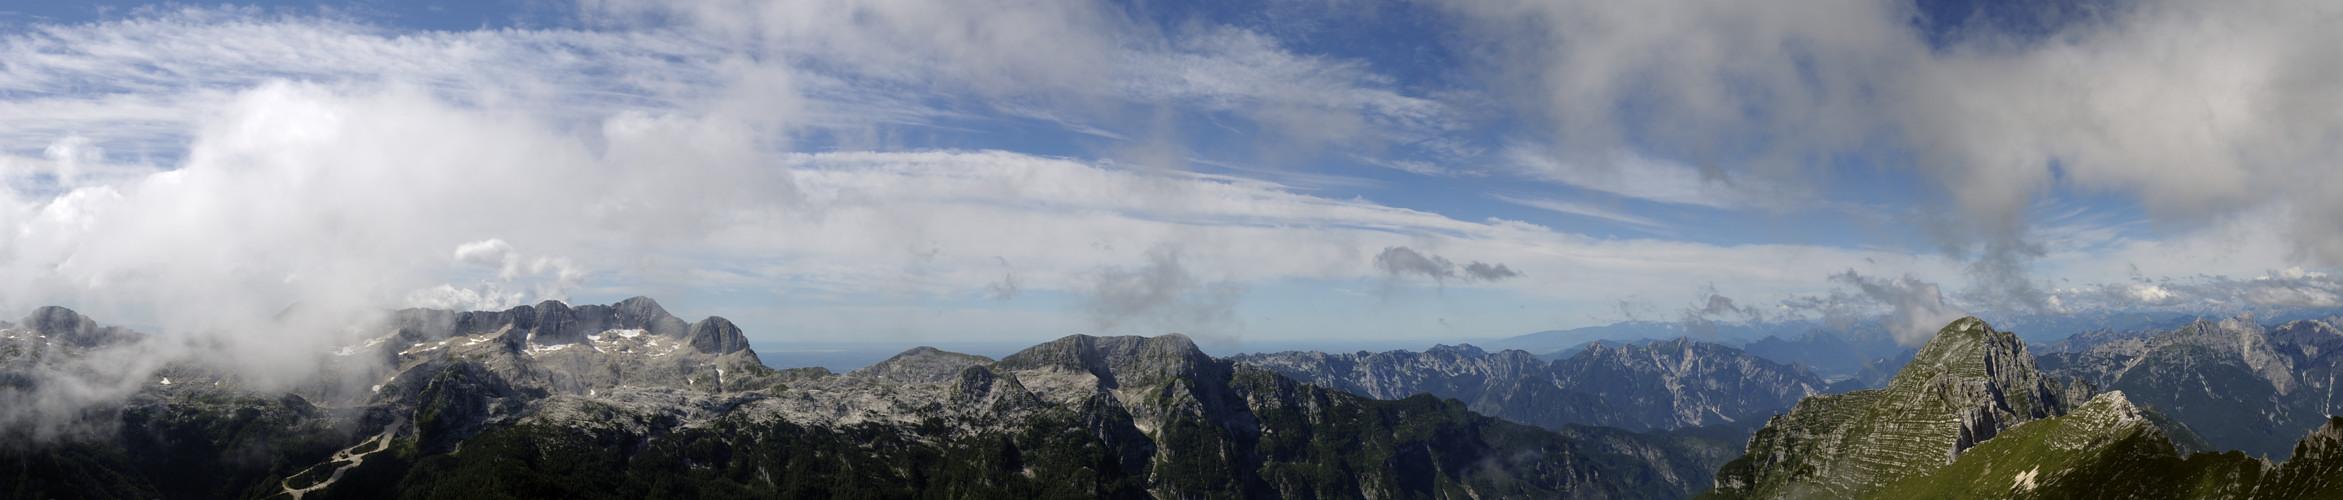 friuli monte canin alpi giulie   foto panoramica